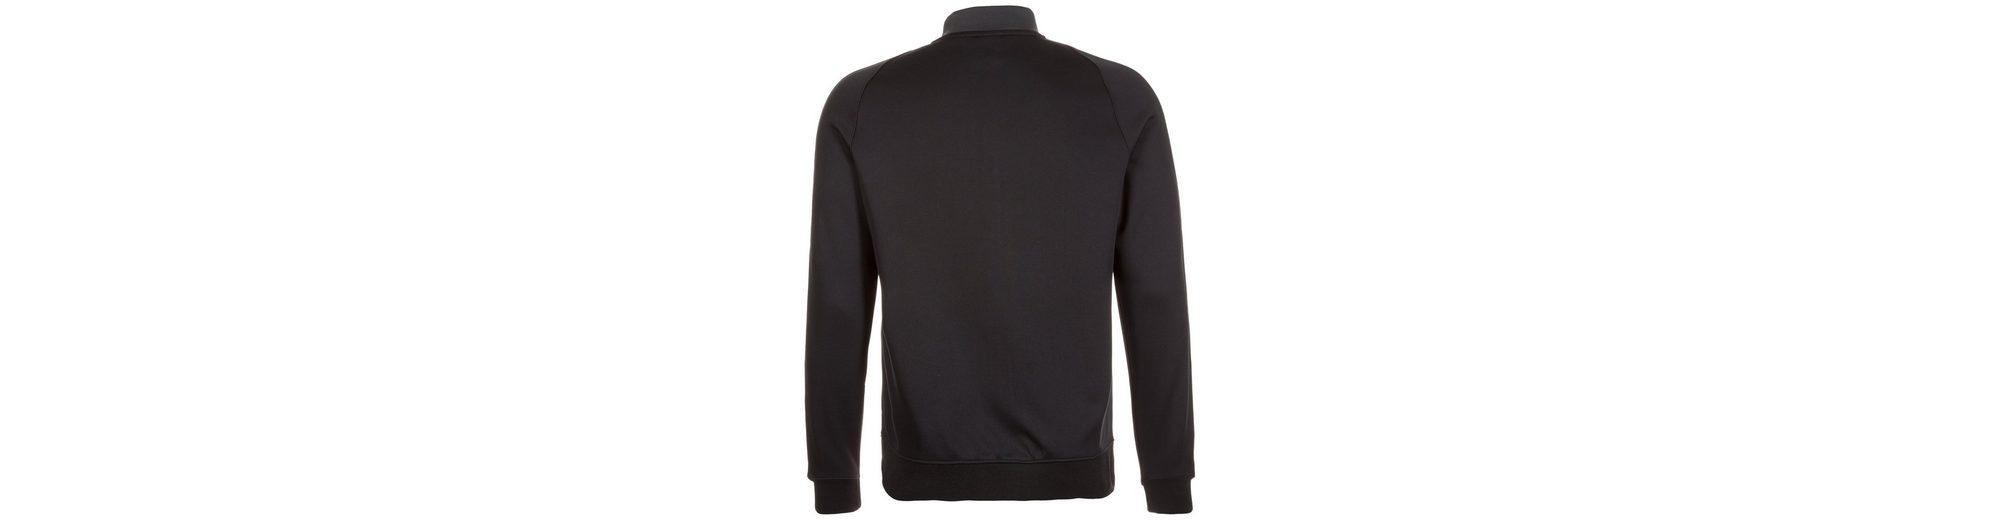 Verkauf Wirklich Die Besten Preise Günstig Online NIKE Authentic N98 Track Jacke Herren Vorbestellung Online BUPkZ99T